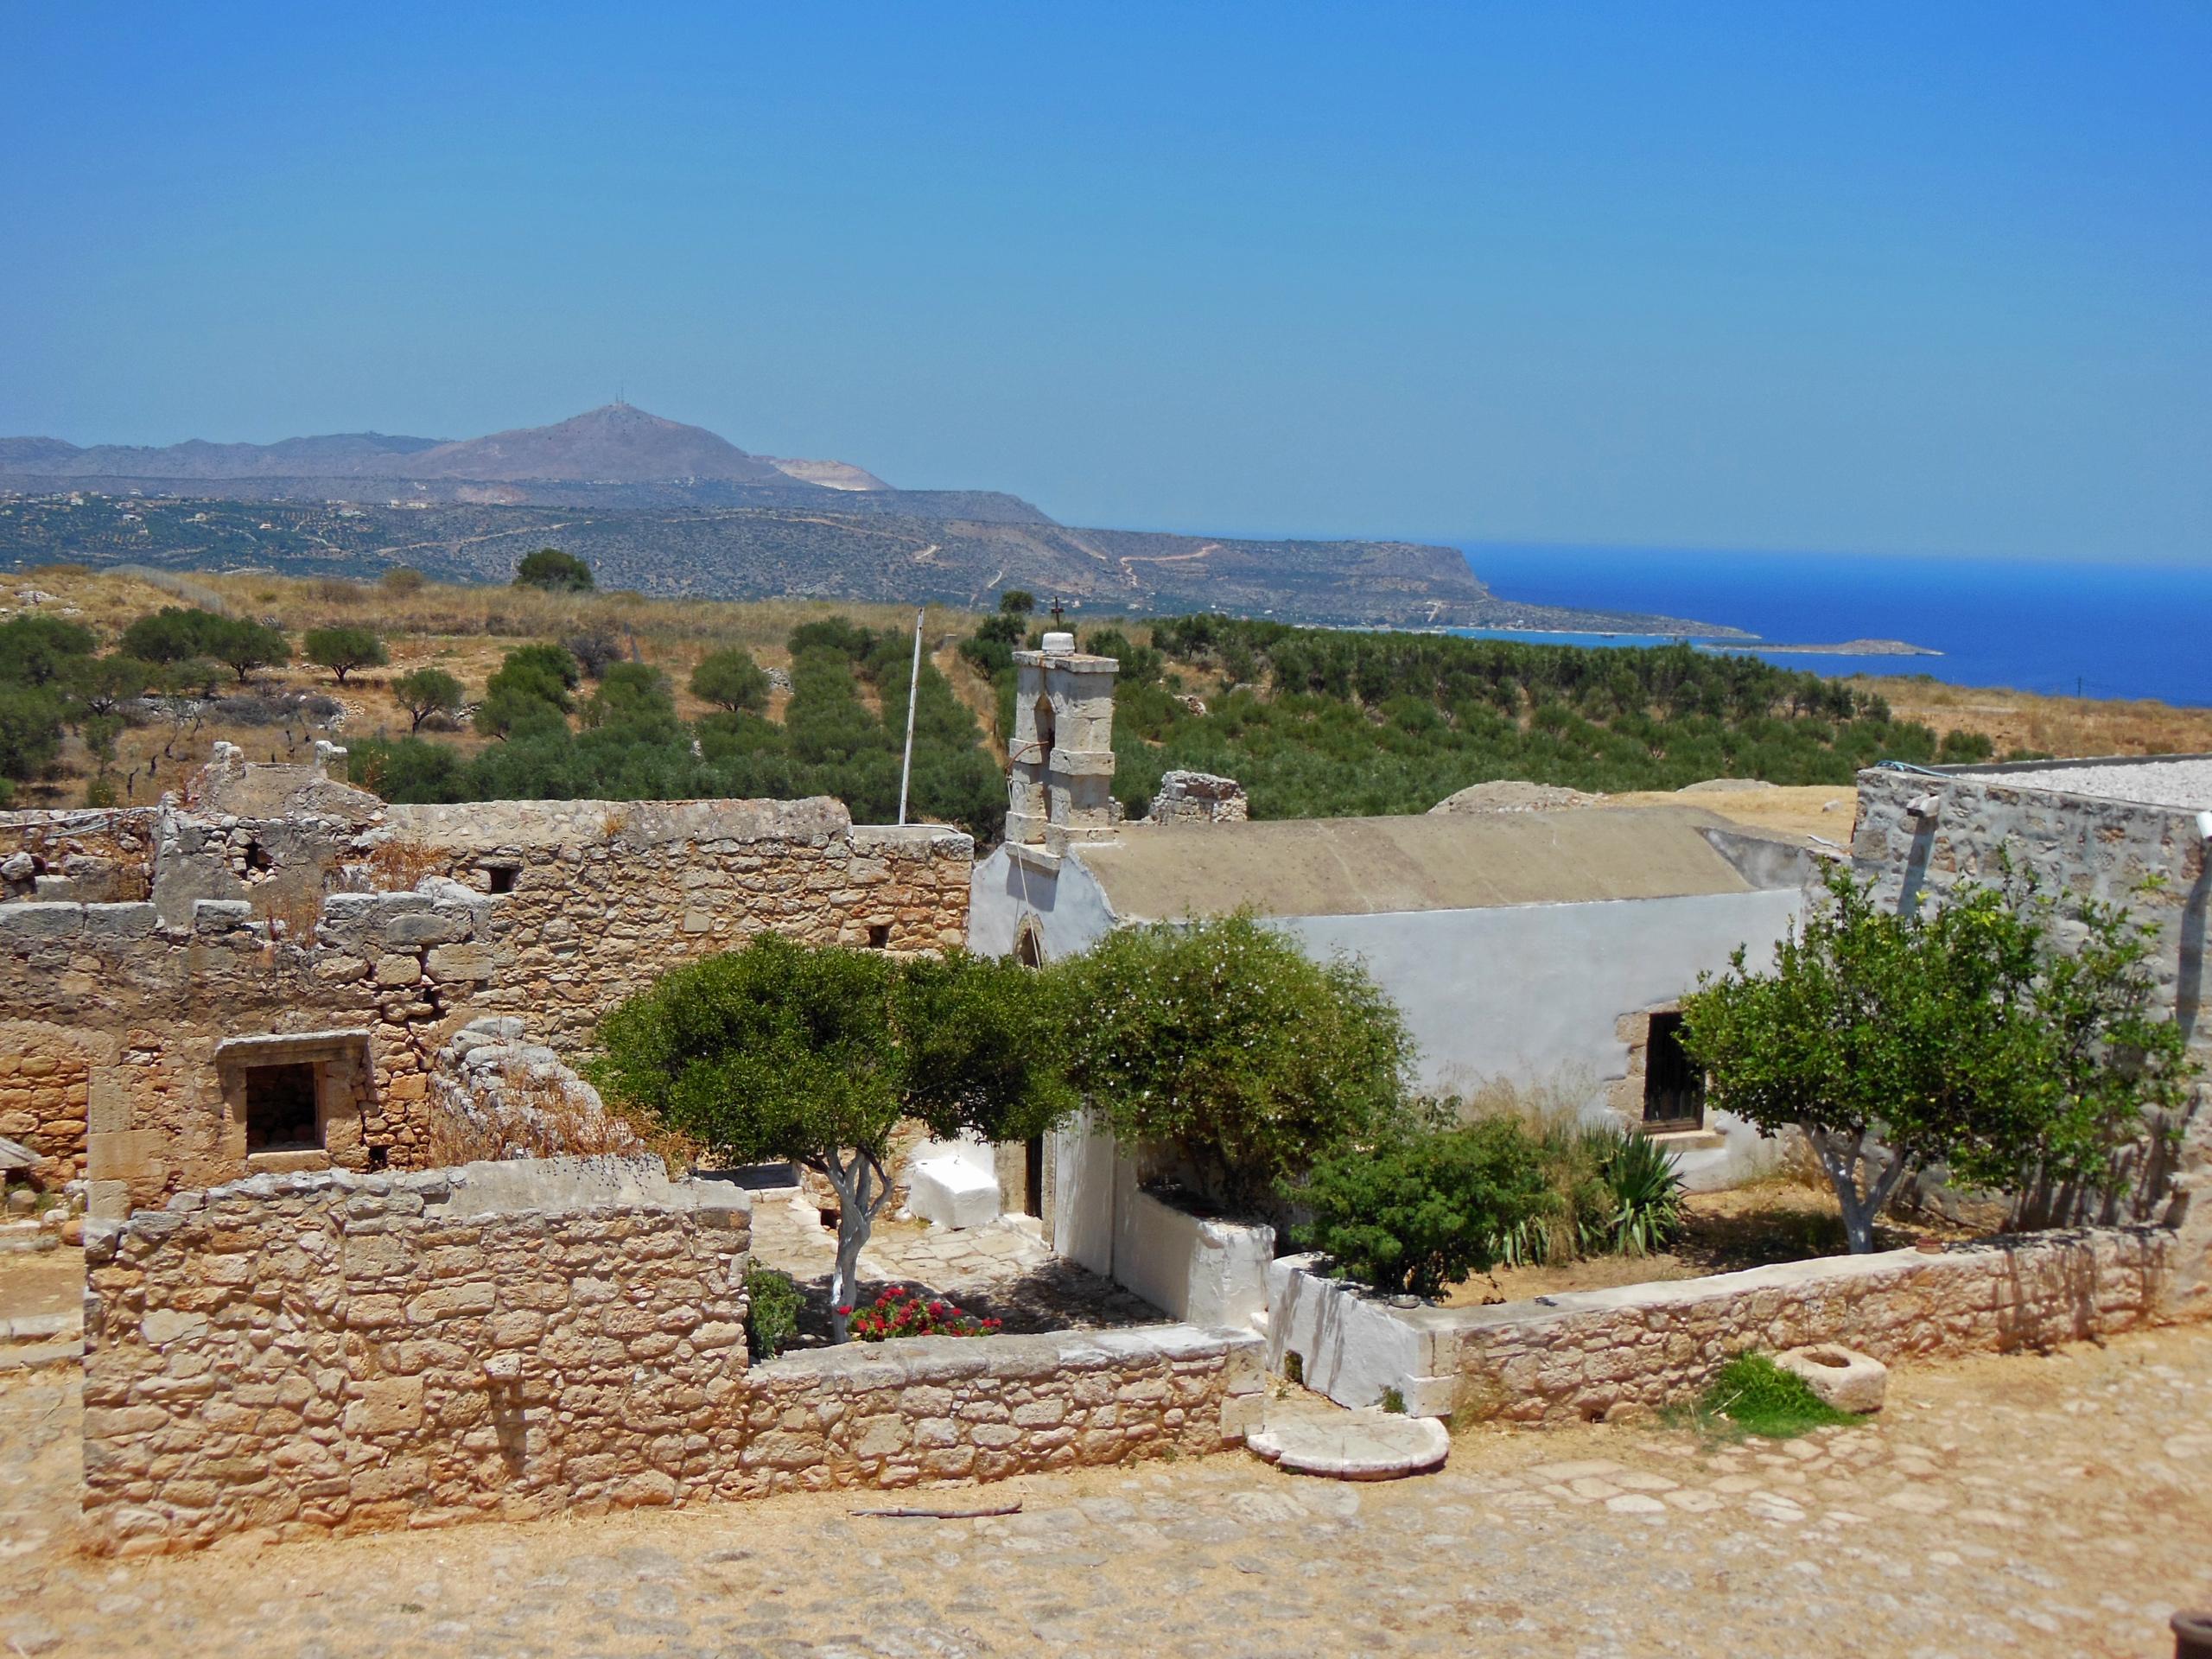 Kreta-29.06.12---13.07.12-456